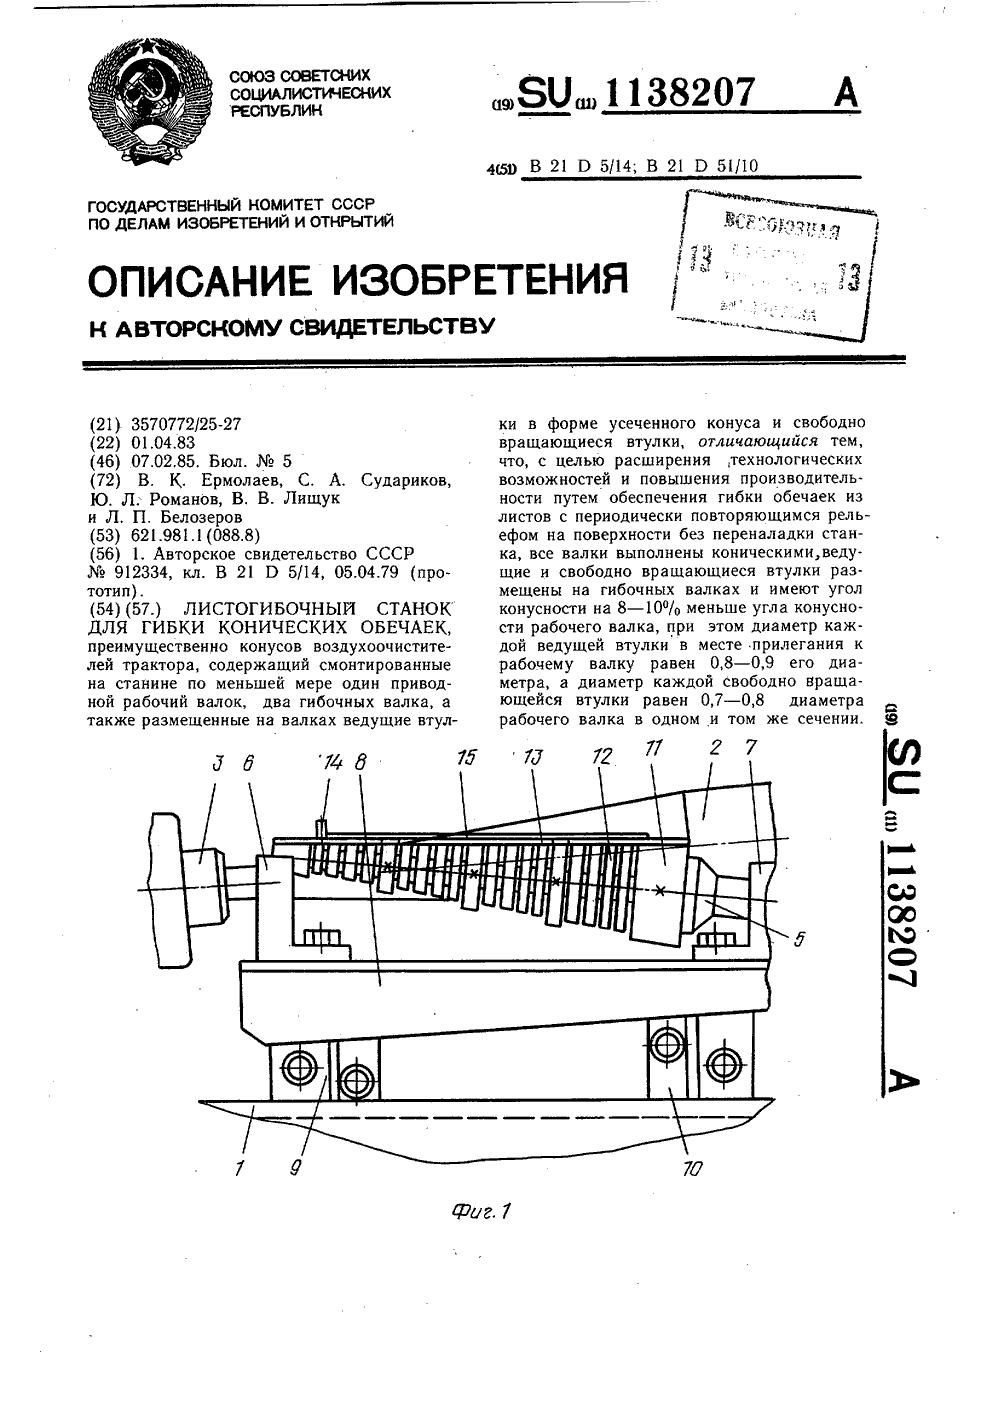 Схема листогибочного